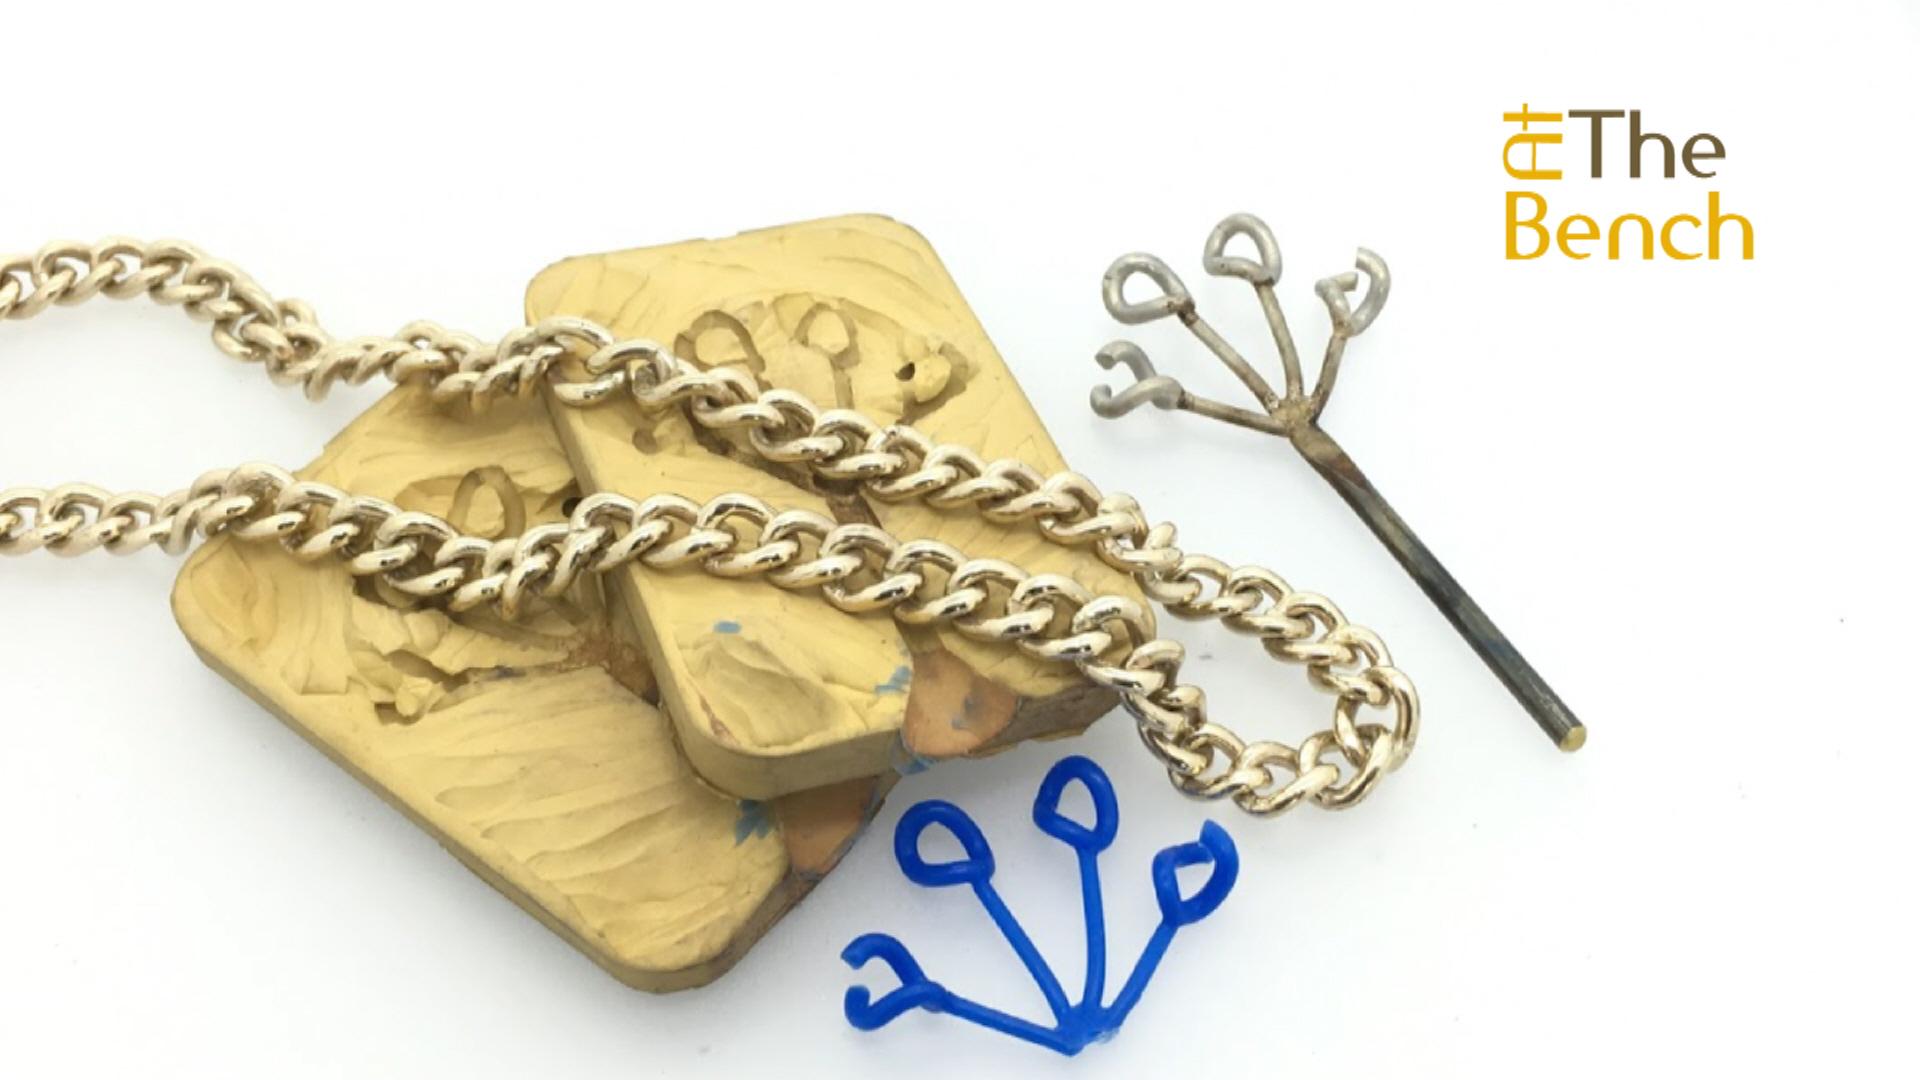 Casting a Curb Chain